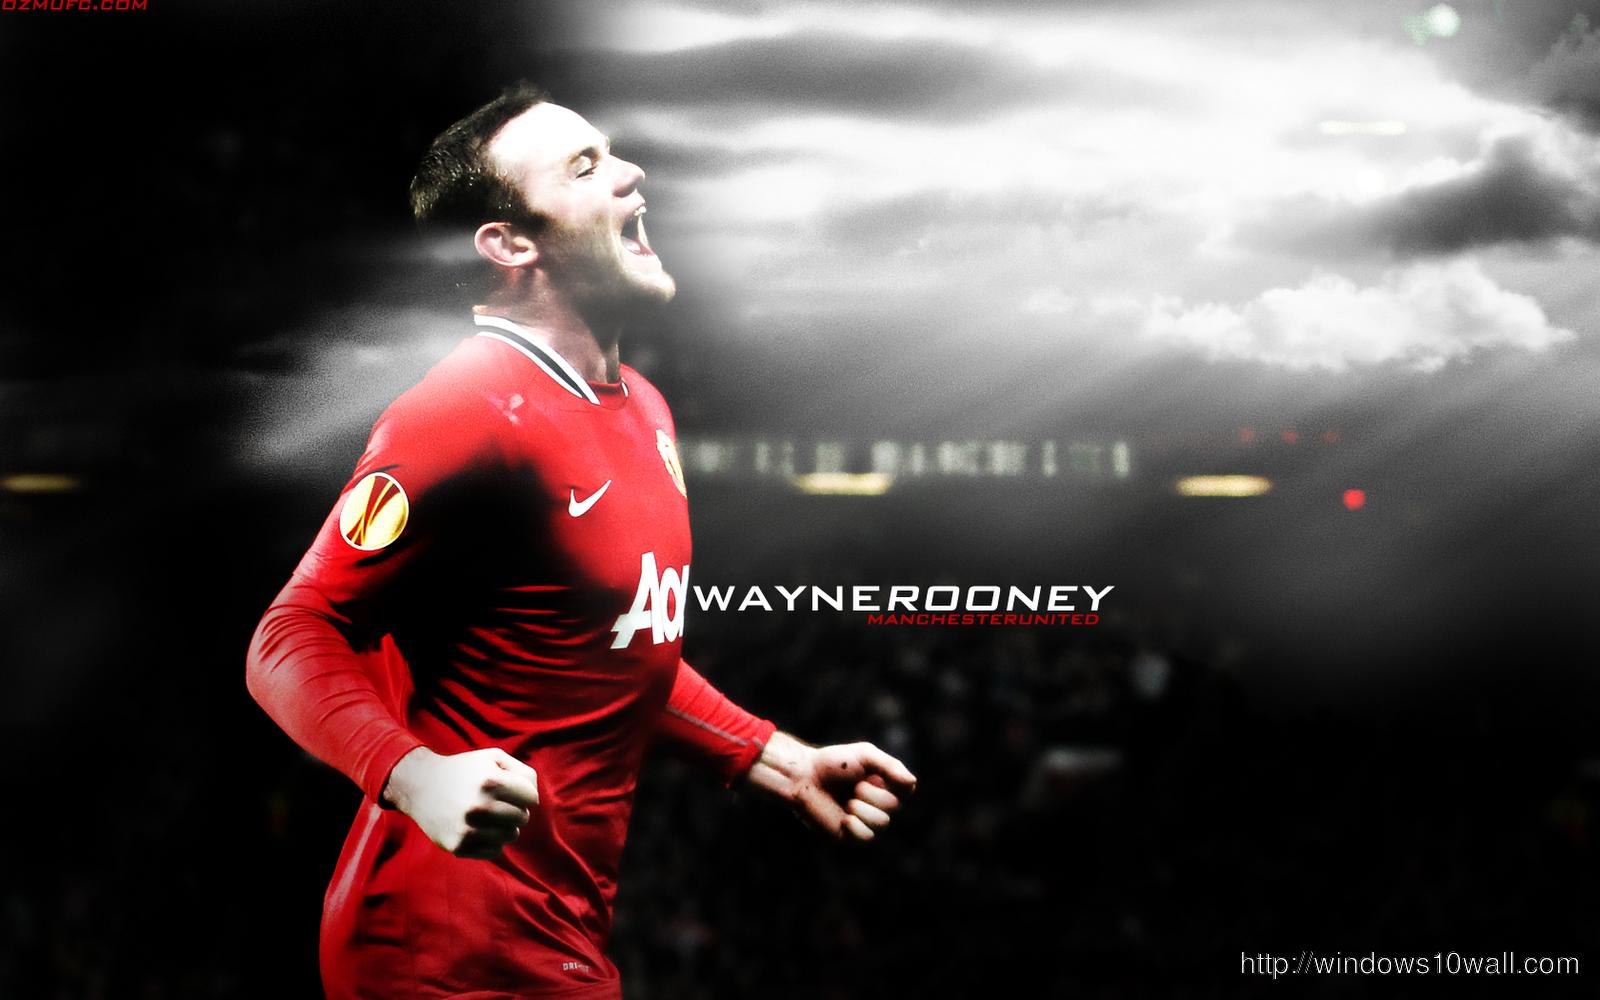 Best of Wayne Rooney World Cup Wallpaper